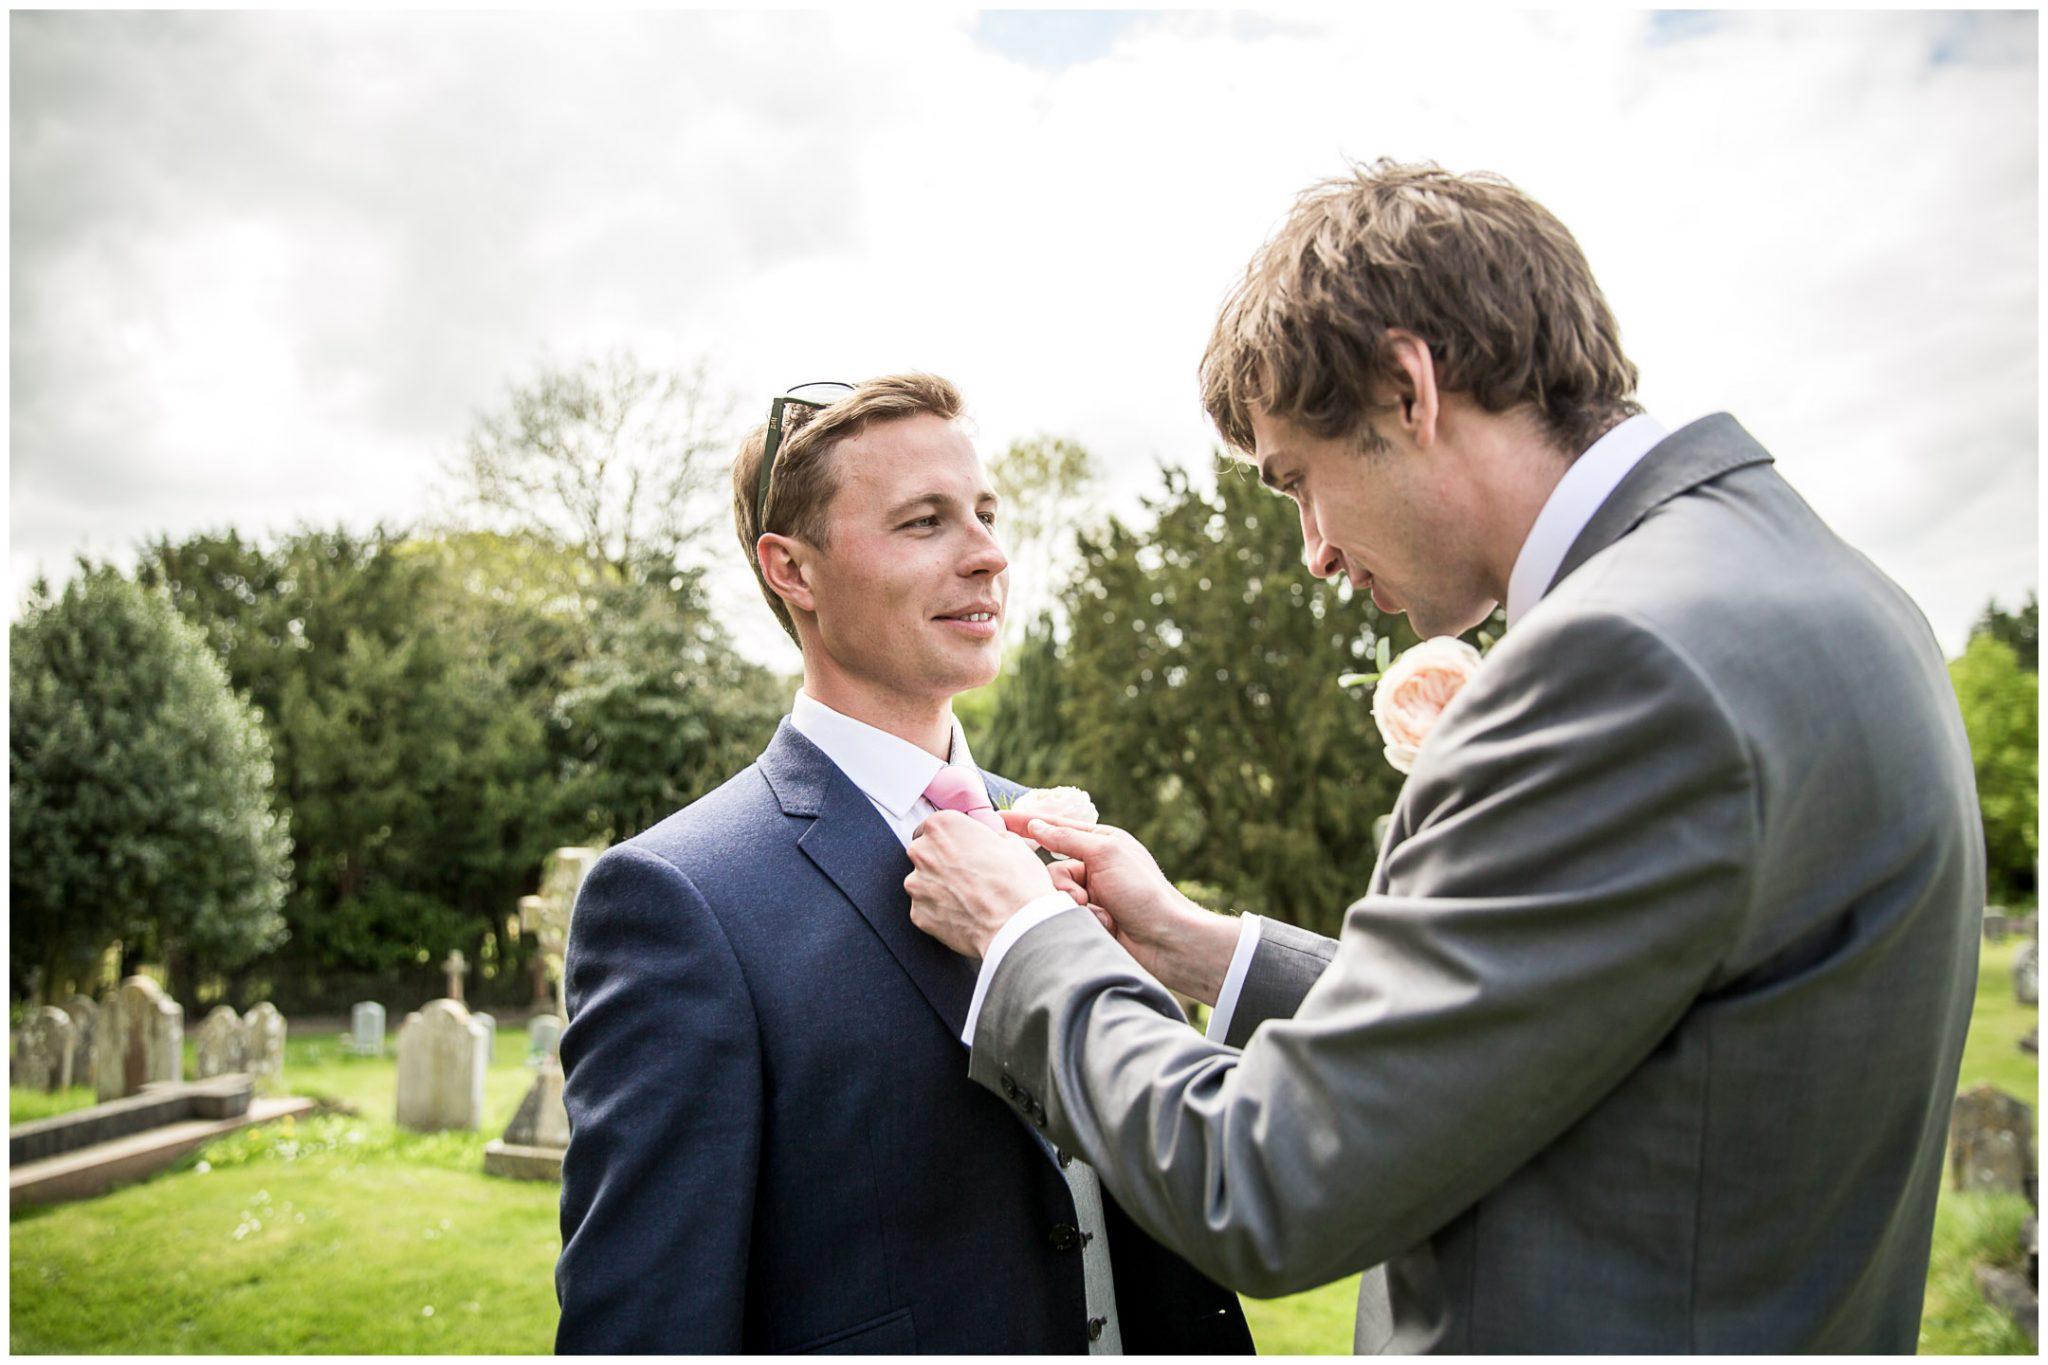 Best man arranges groom's tie outside Twyford Church before marriage begins